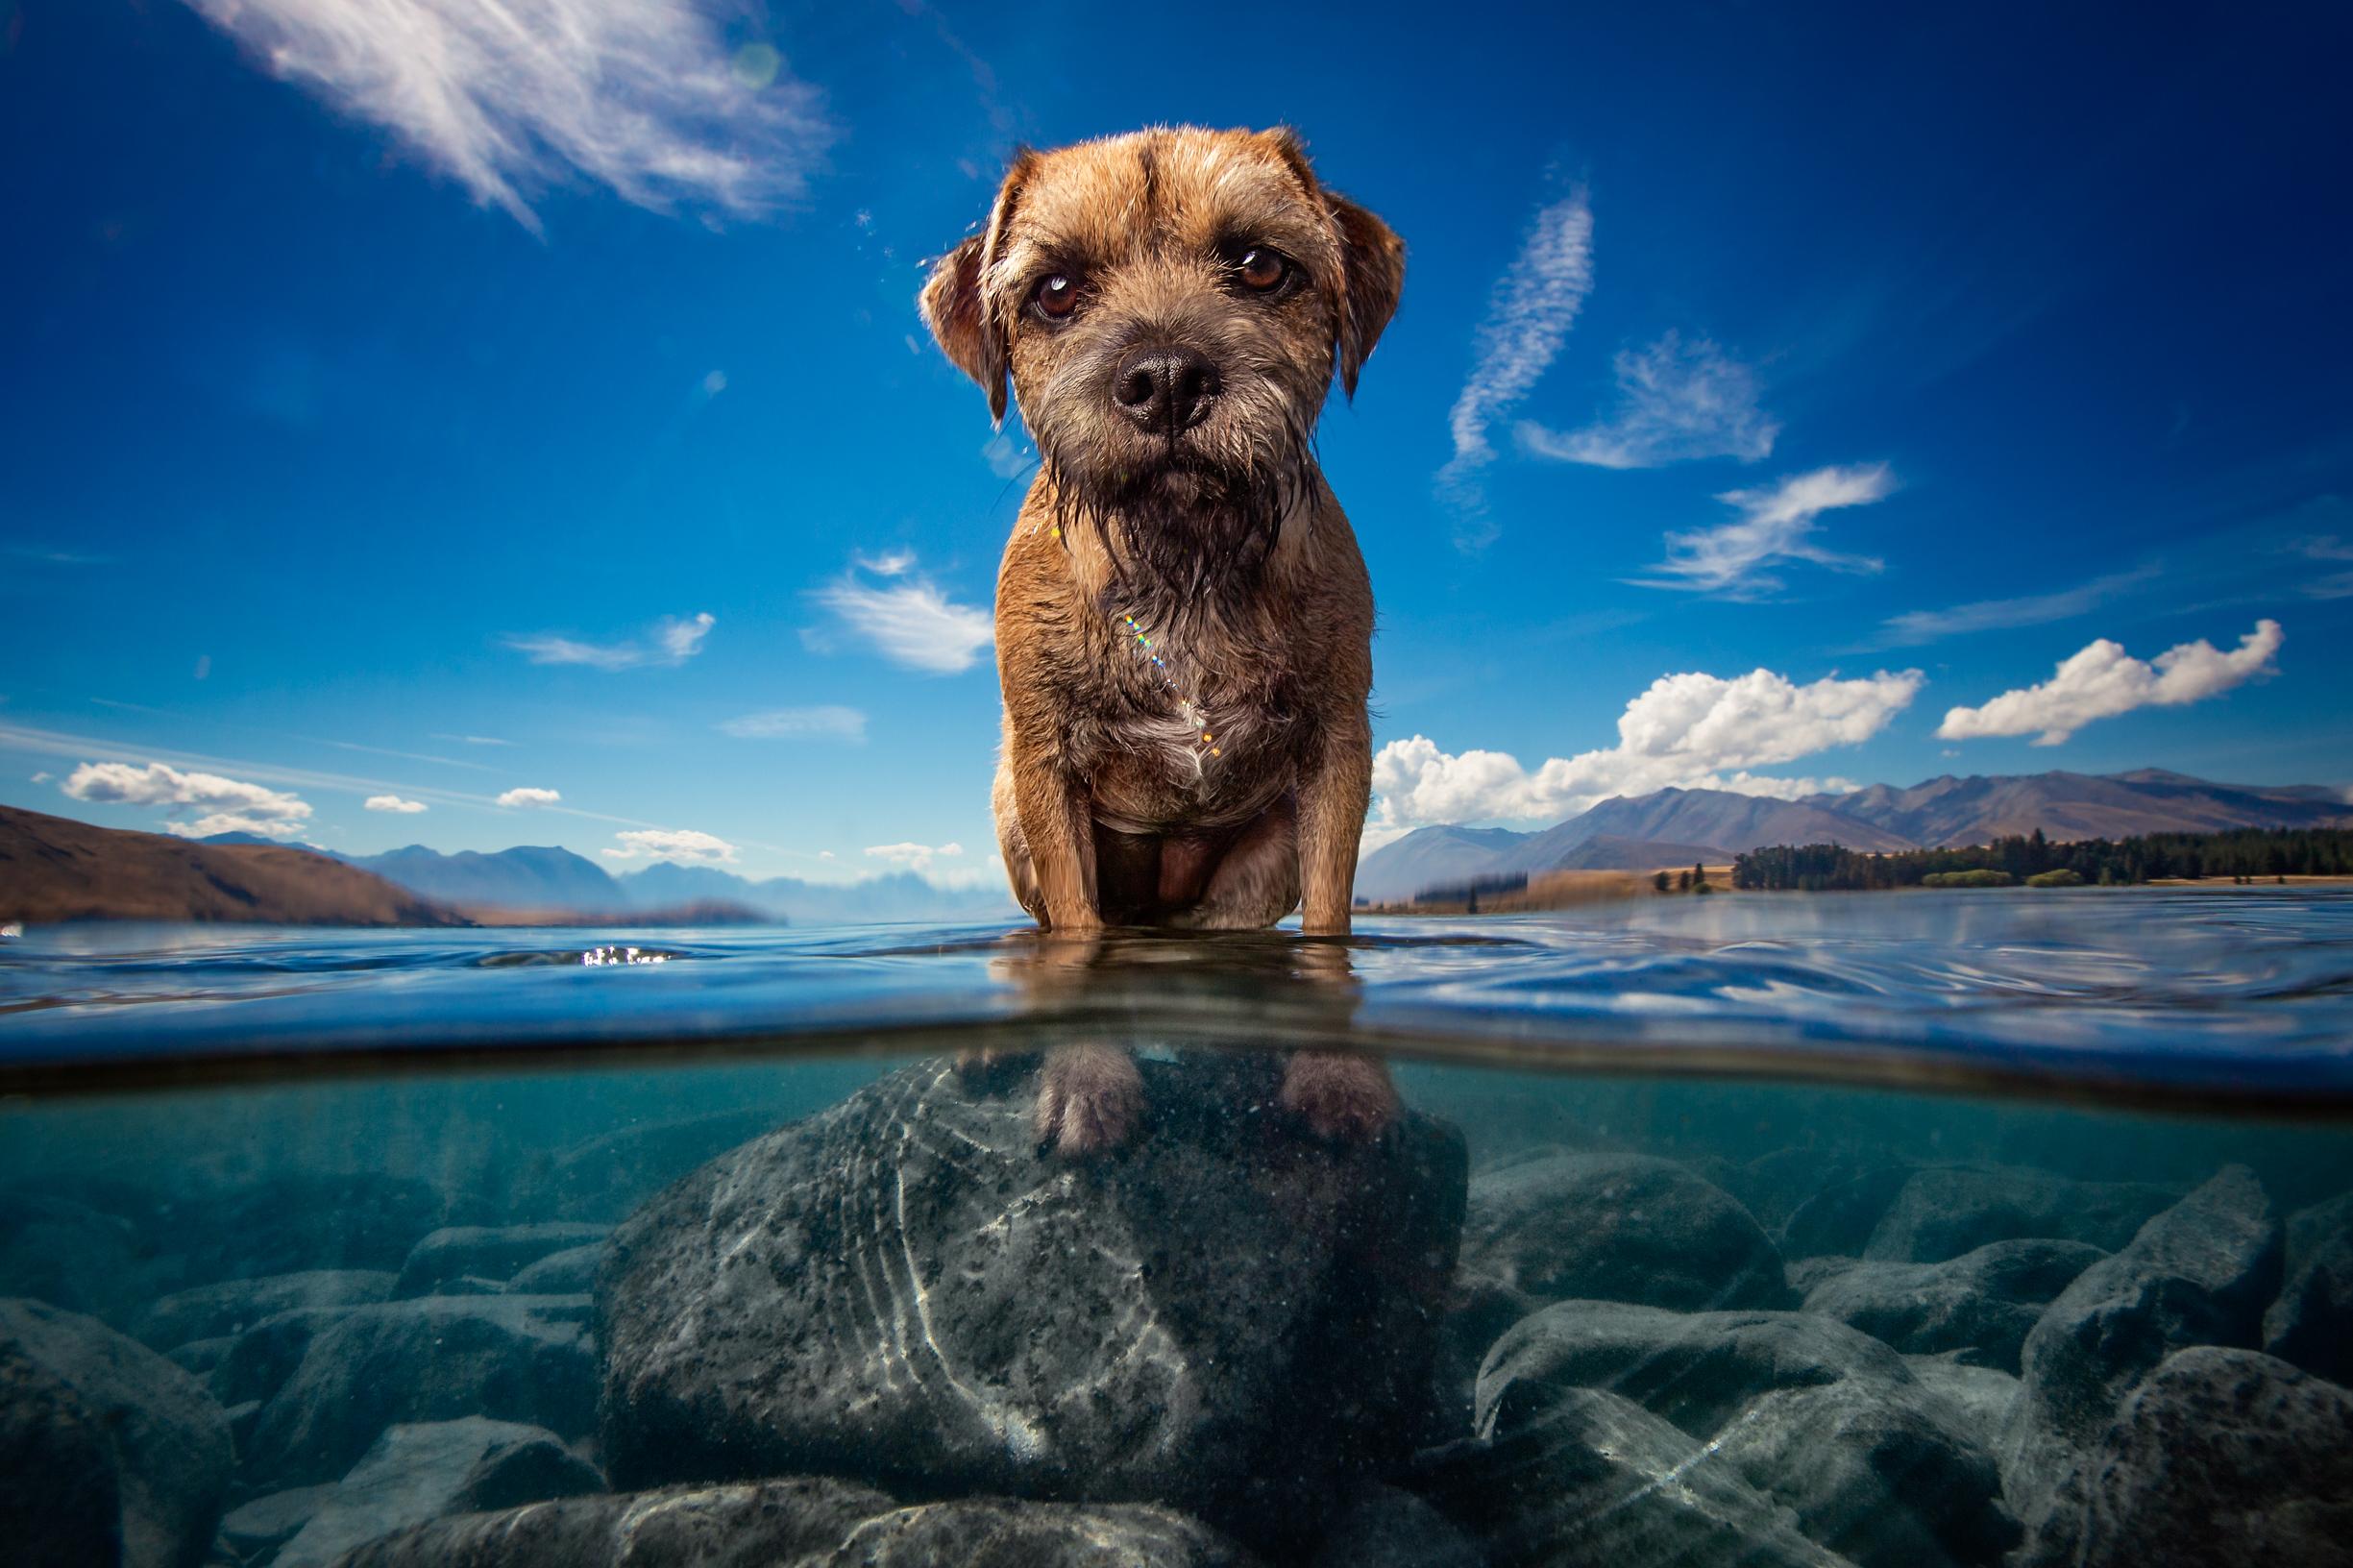 underwater_dog.jpg